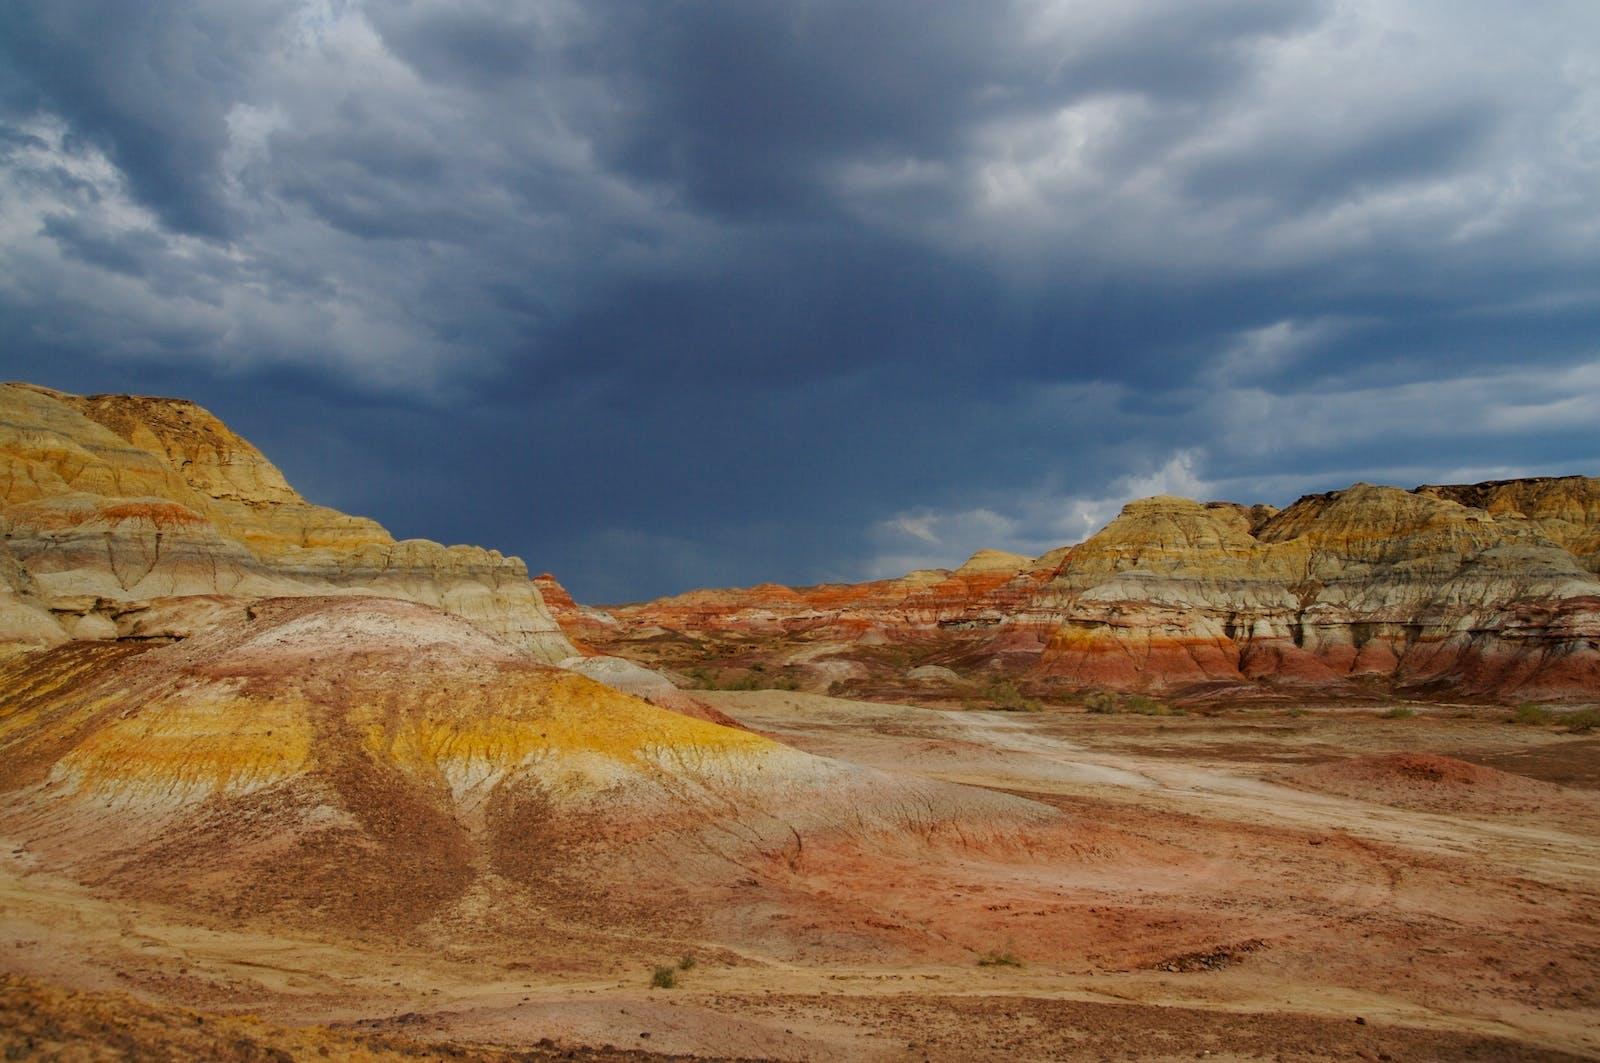 Junggar Basin Semi-Desert